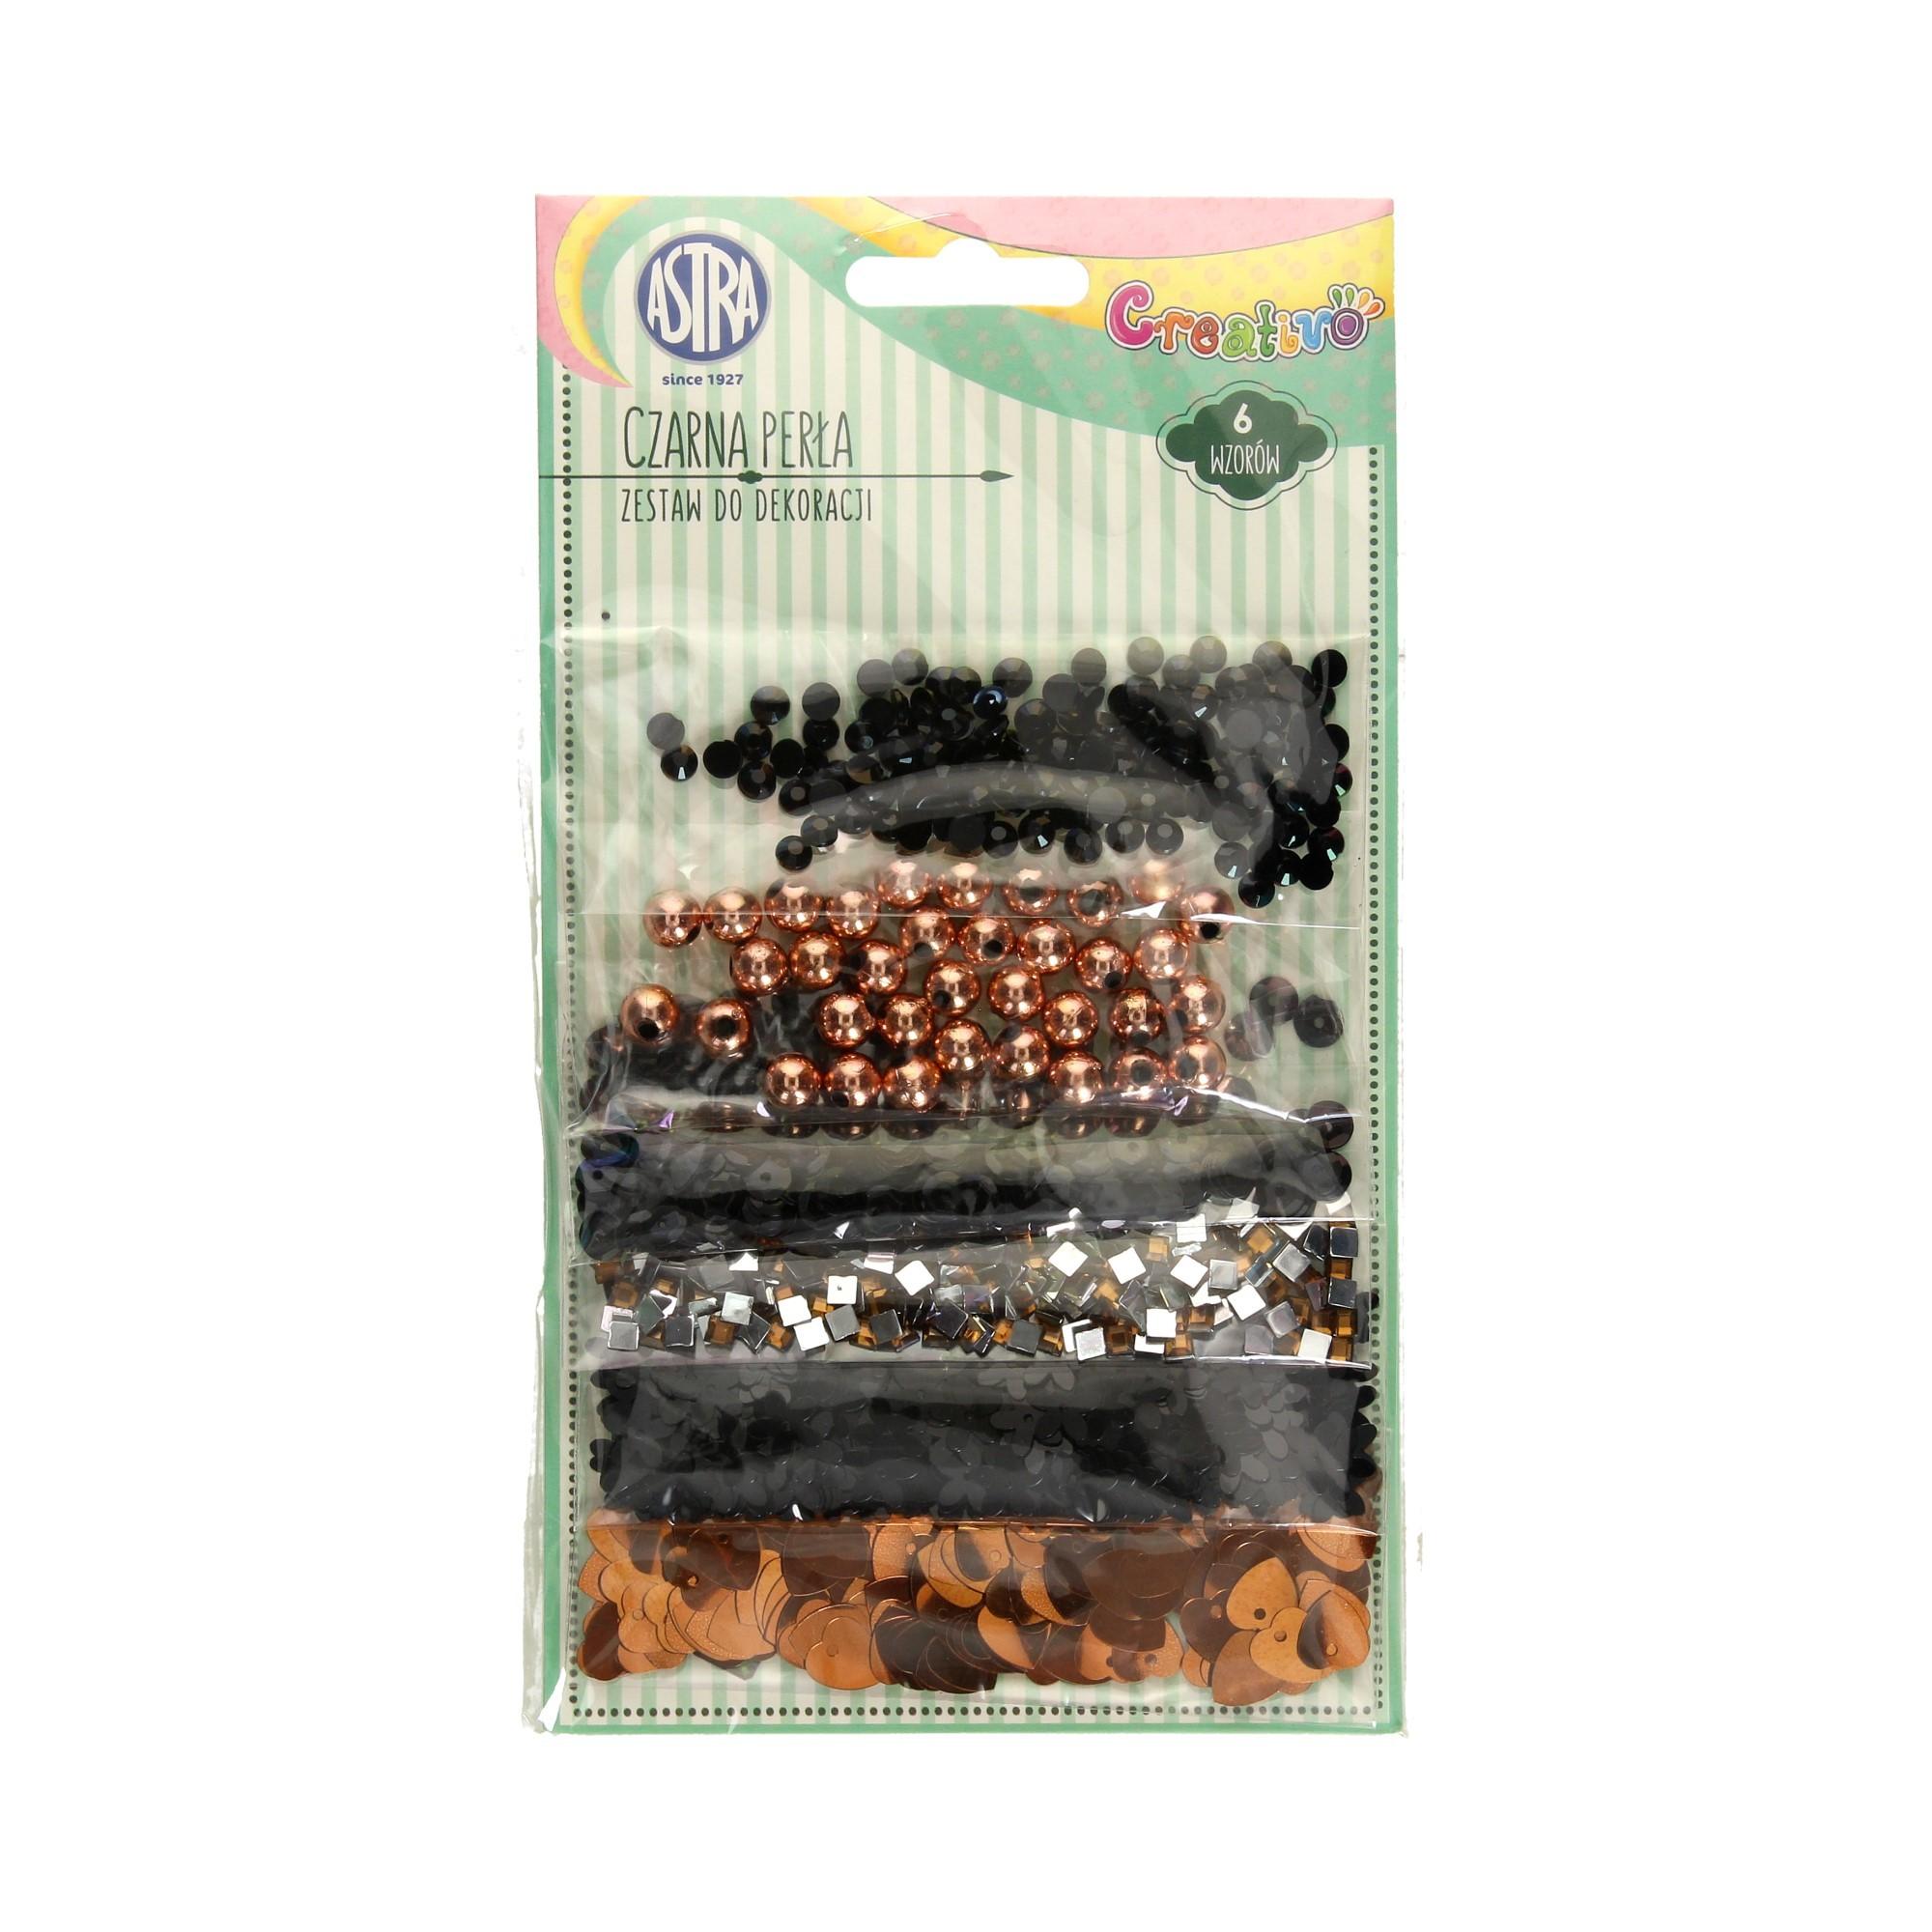 Zestaw dekoracyjny czarna perła Astra 335118001